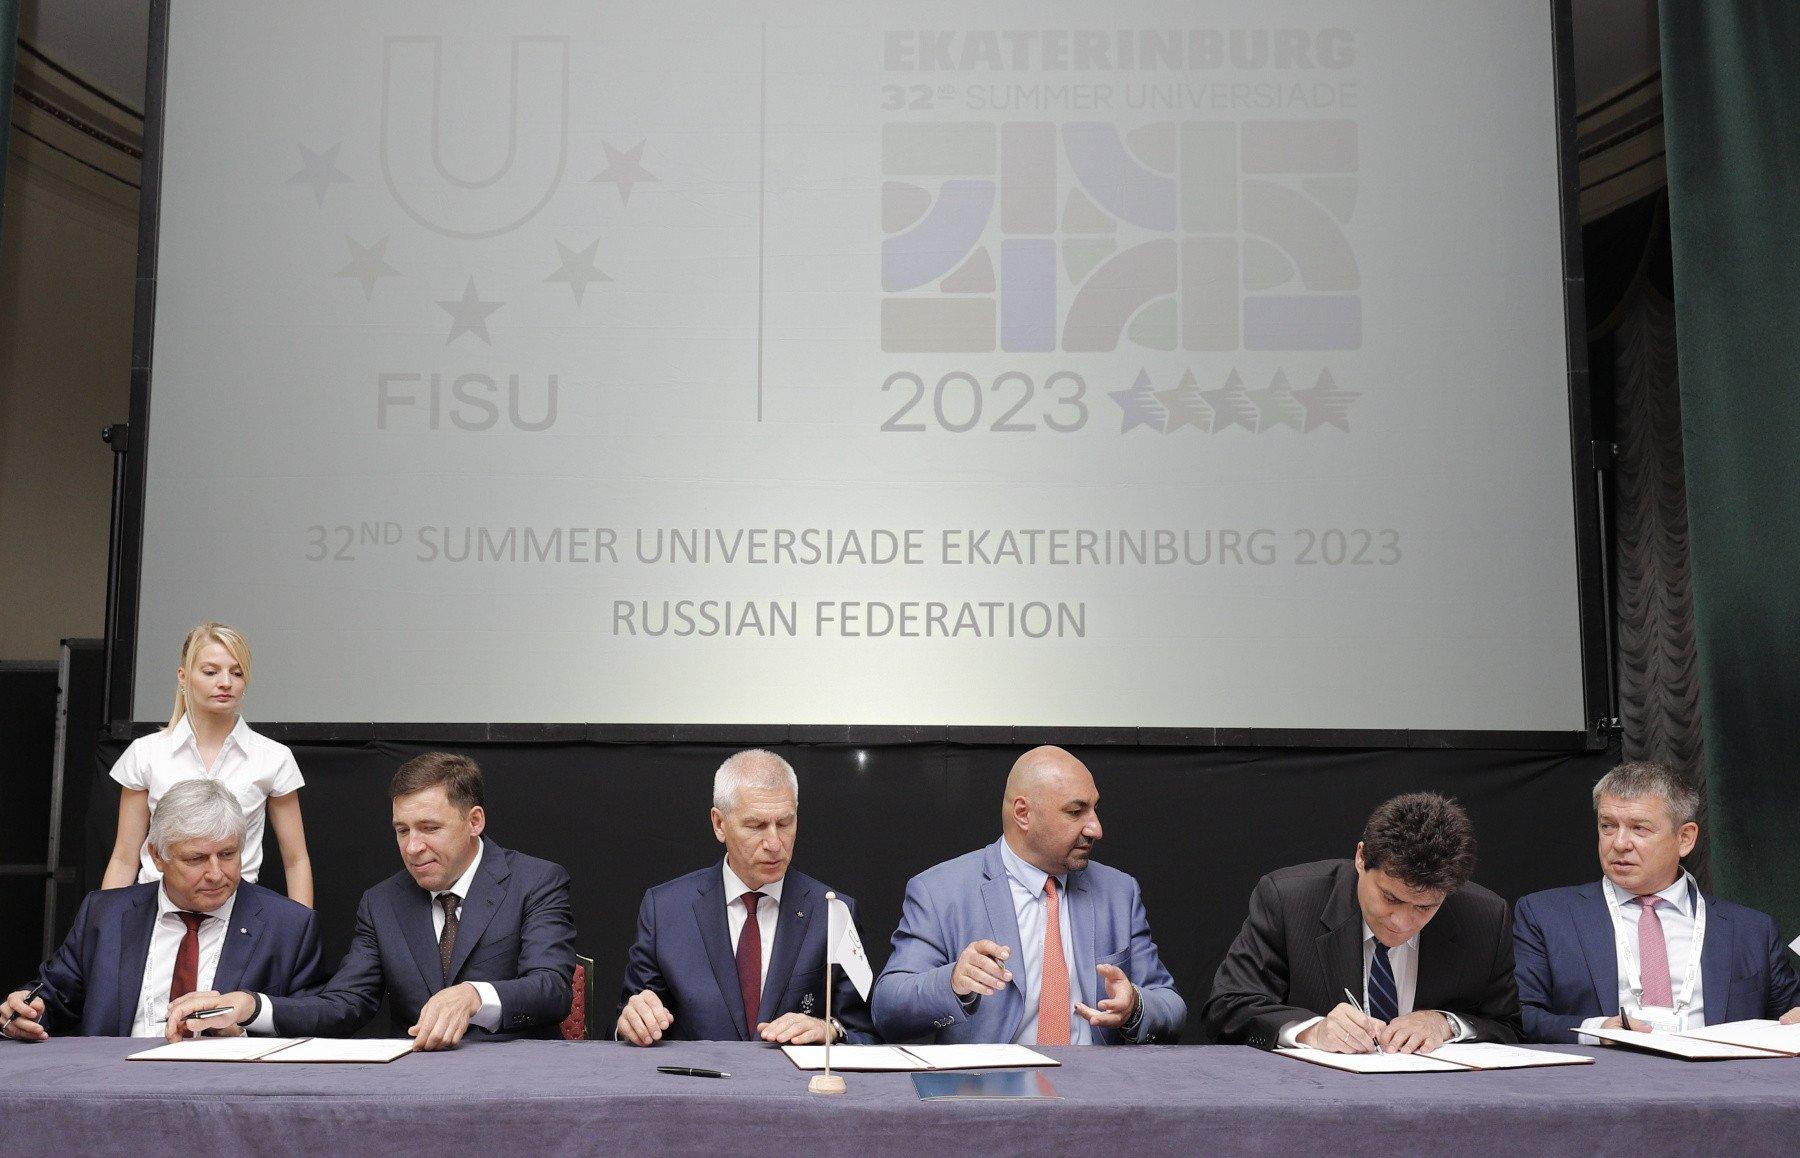 Ecaterimburgo sediará a Universíada de verão de 2023